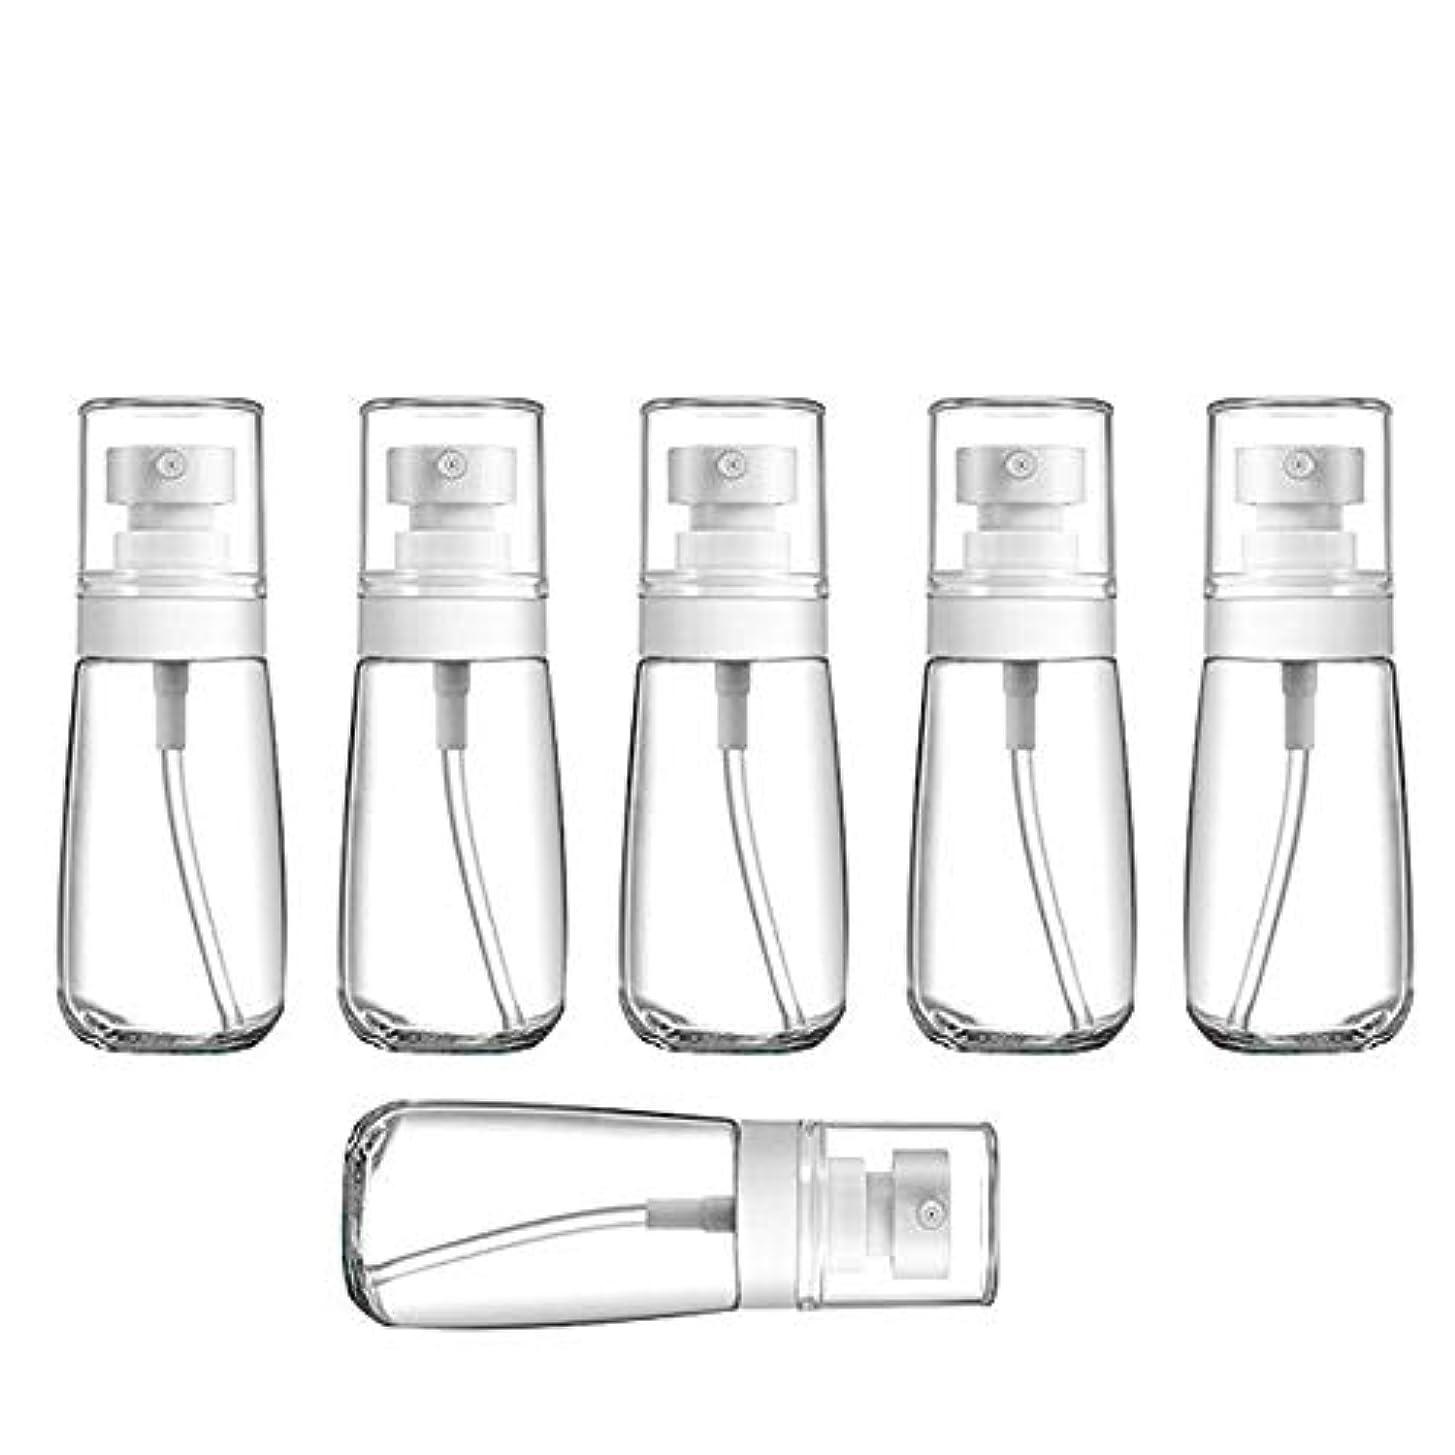 シンプトン傾向がありますウェーハYXC 良質の PETG小分けボトル トラベルボトル スプレーボトル 家に清潔消毒 緑の植物に水遣る 6本セット 日本小スプレーボトル 化粧水 詰替用ボトル 旅行用品 (60ML6本)